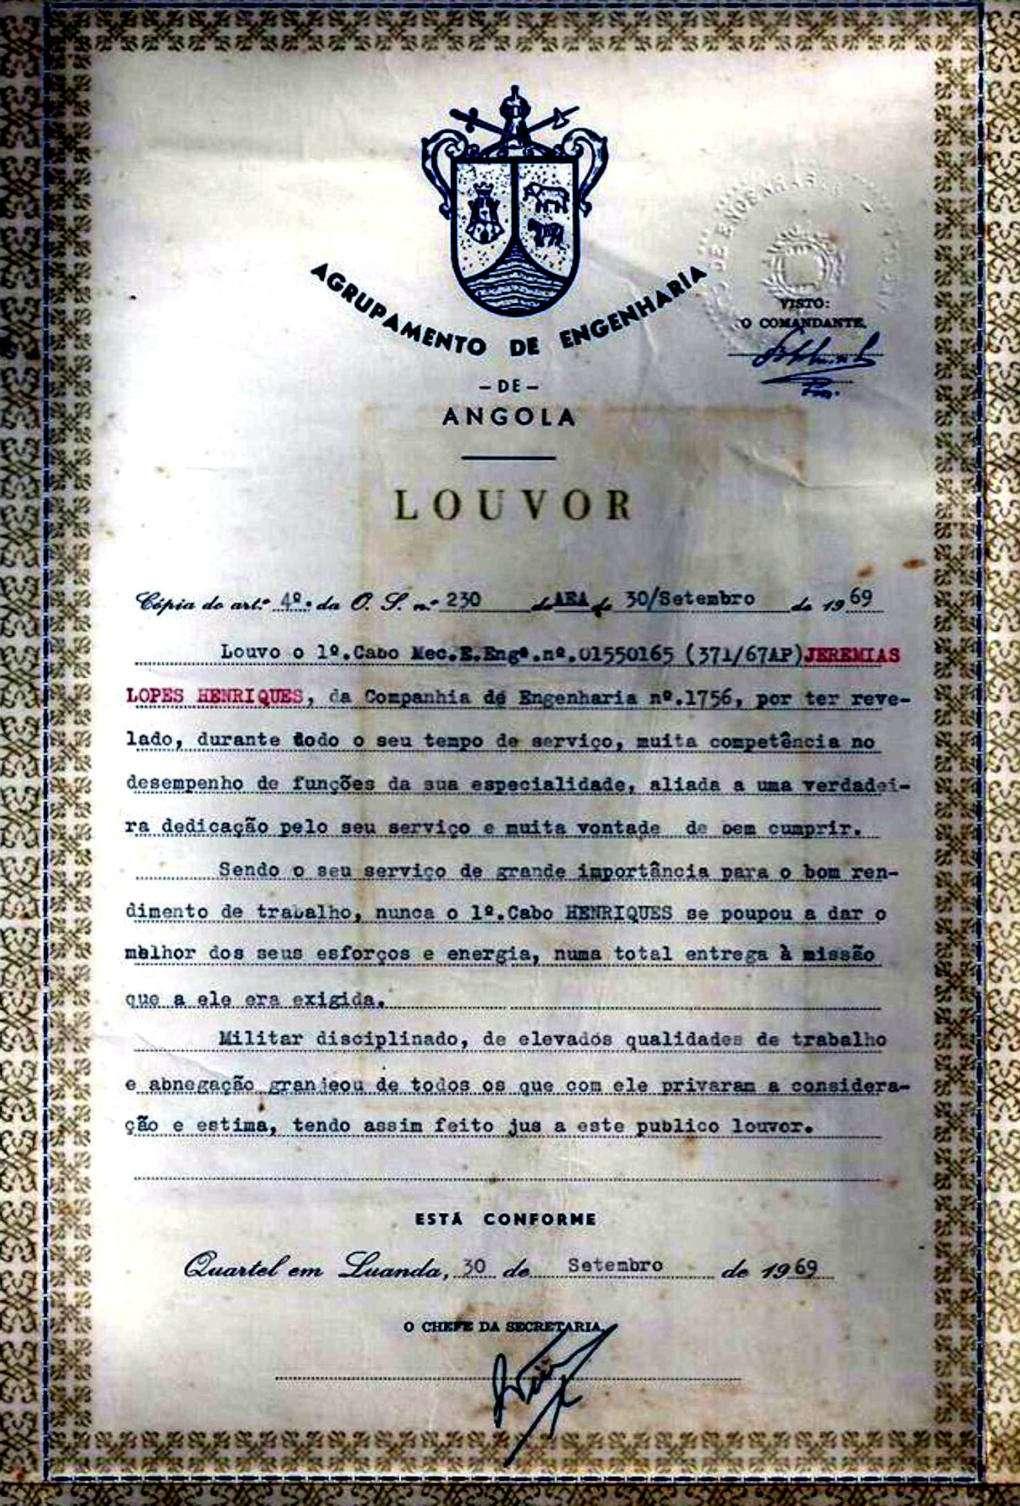 CEng1756: Máquinas, Trabalhos, Construção e Louvor (Angola 1967 a 1969) - Jeremias Henriques 05jere10